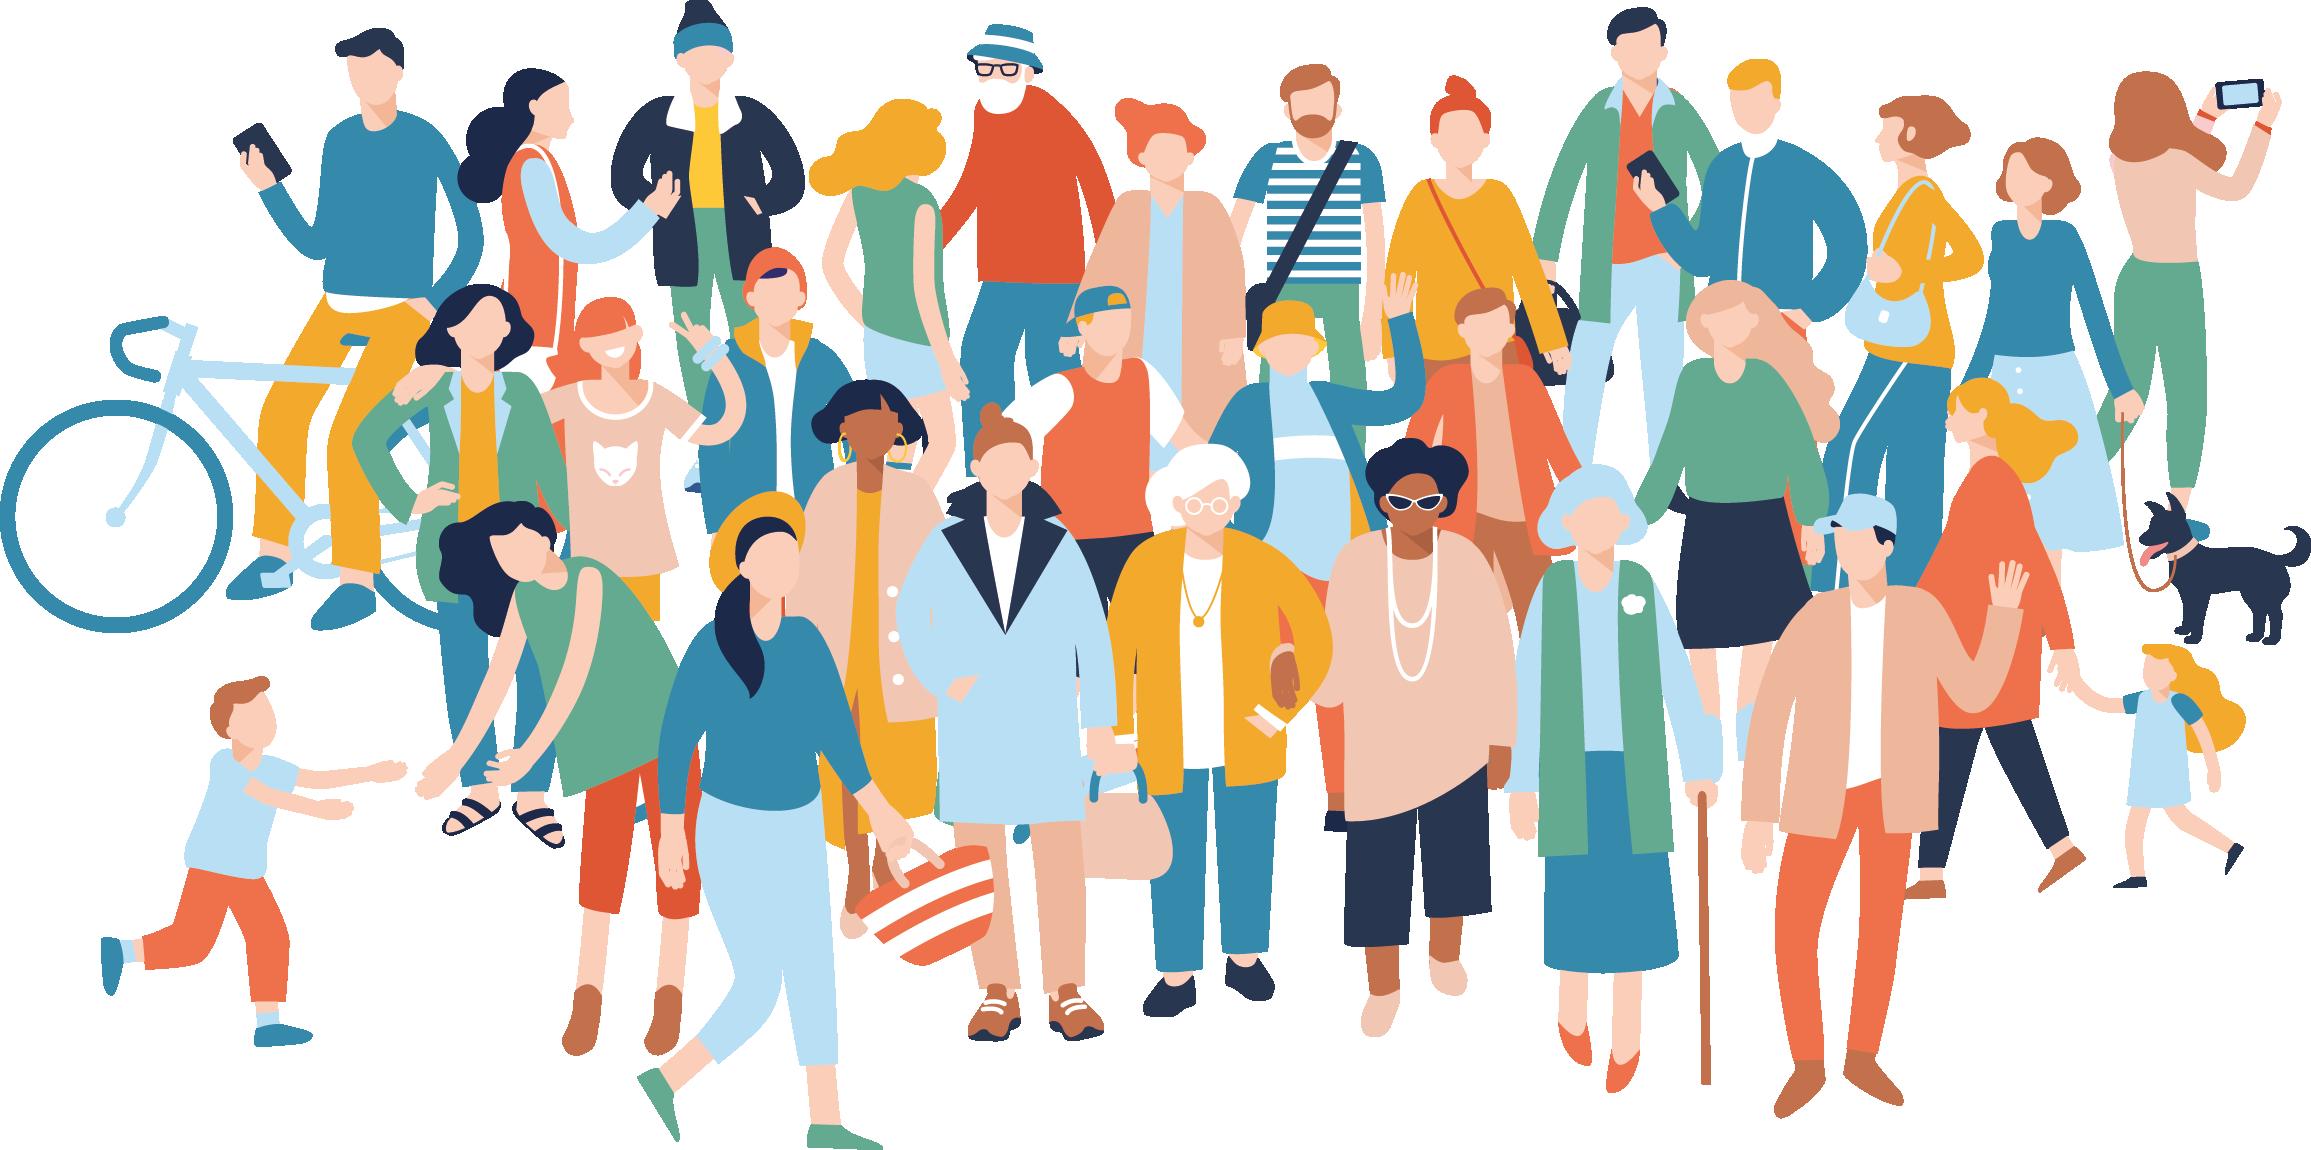 Bilden visar en grupp människor i olika åldrar, med en mångfald av klädstilar, former och färger